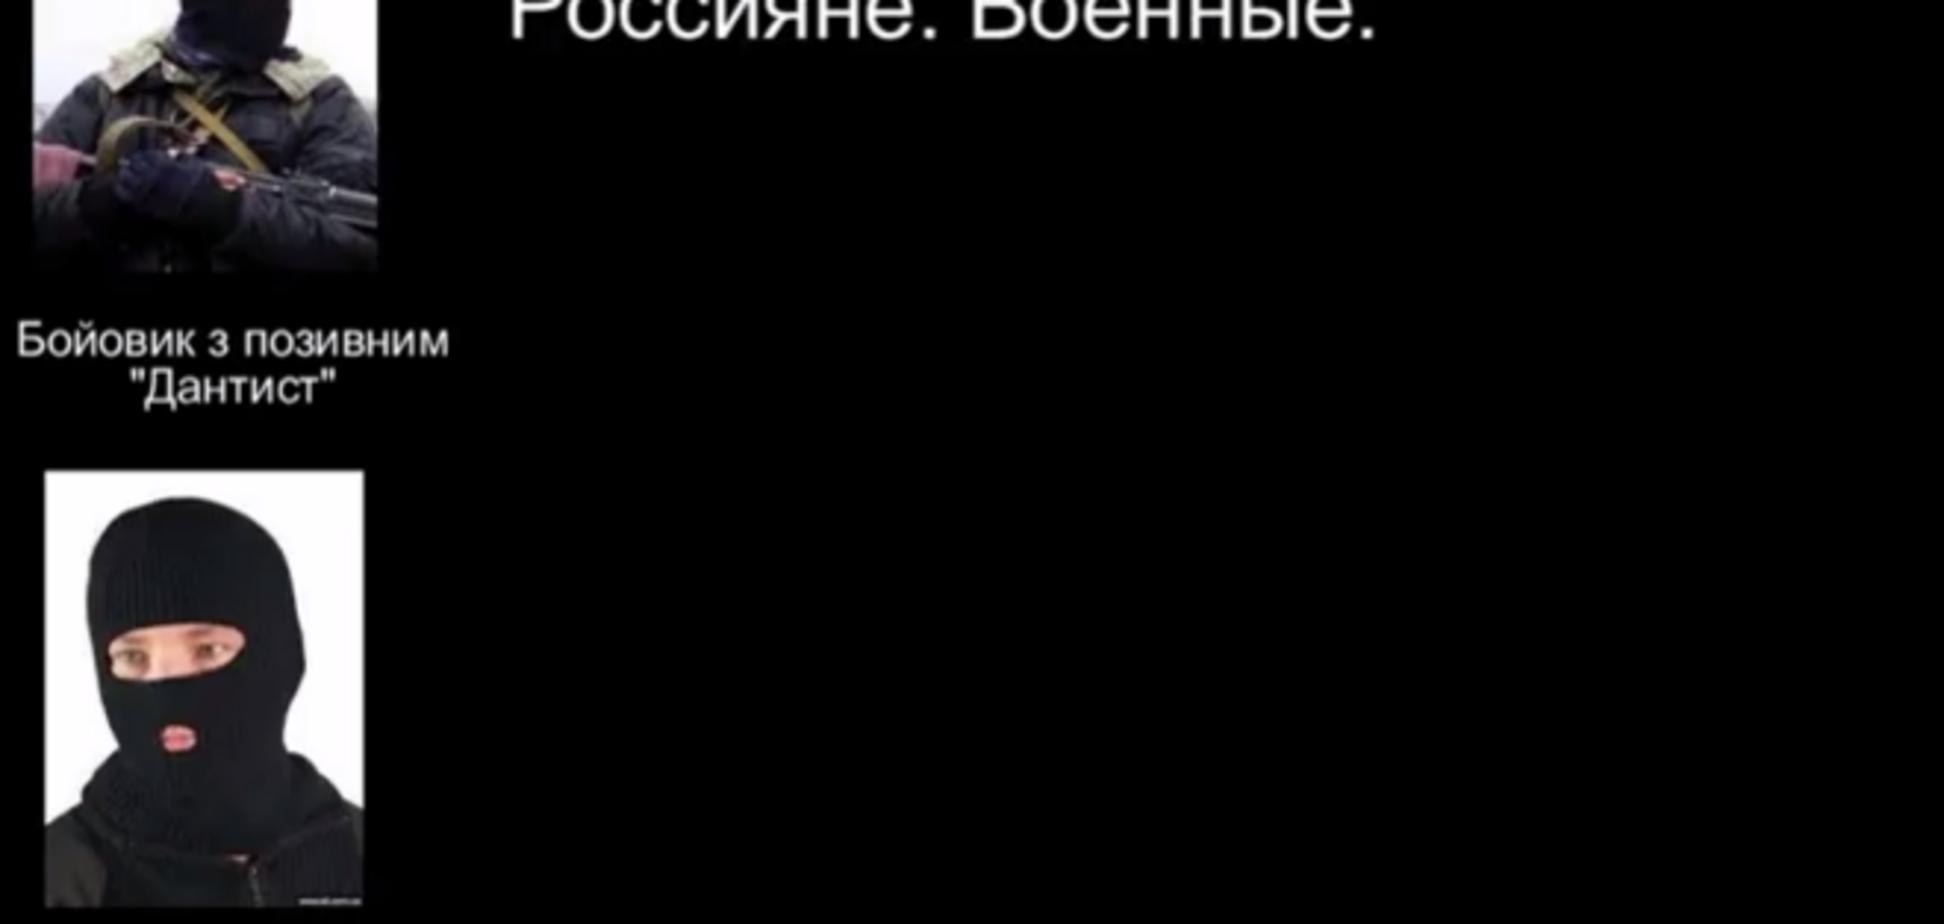 В Донецке боевики задержали российских военных: аудио разговора террористов